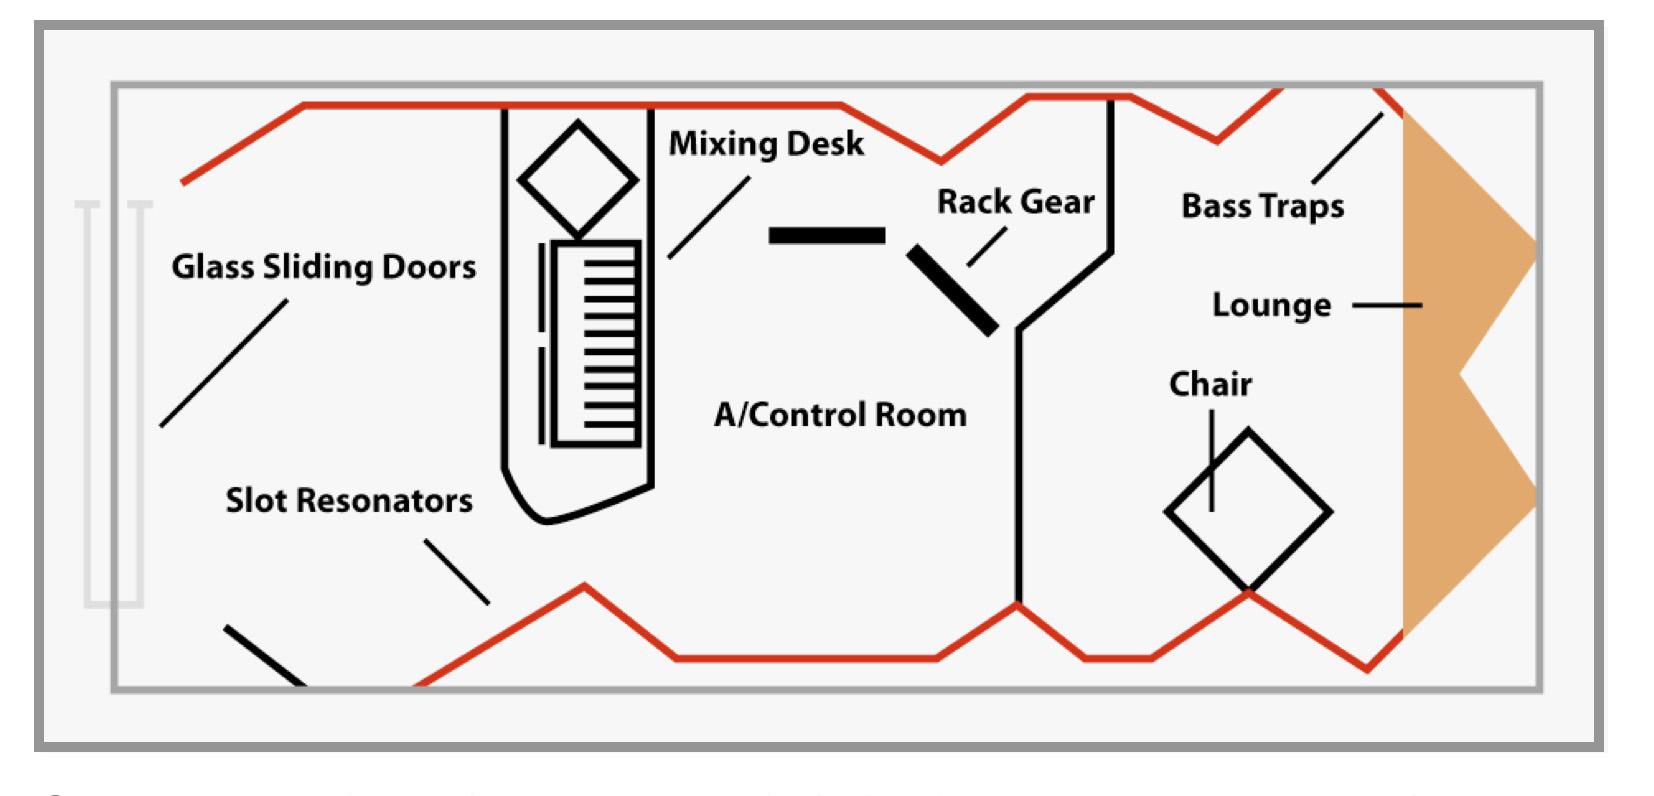 貨櫃屋混音室設計圖